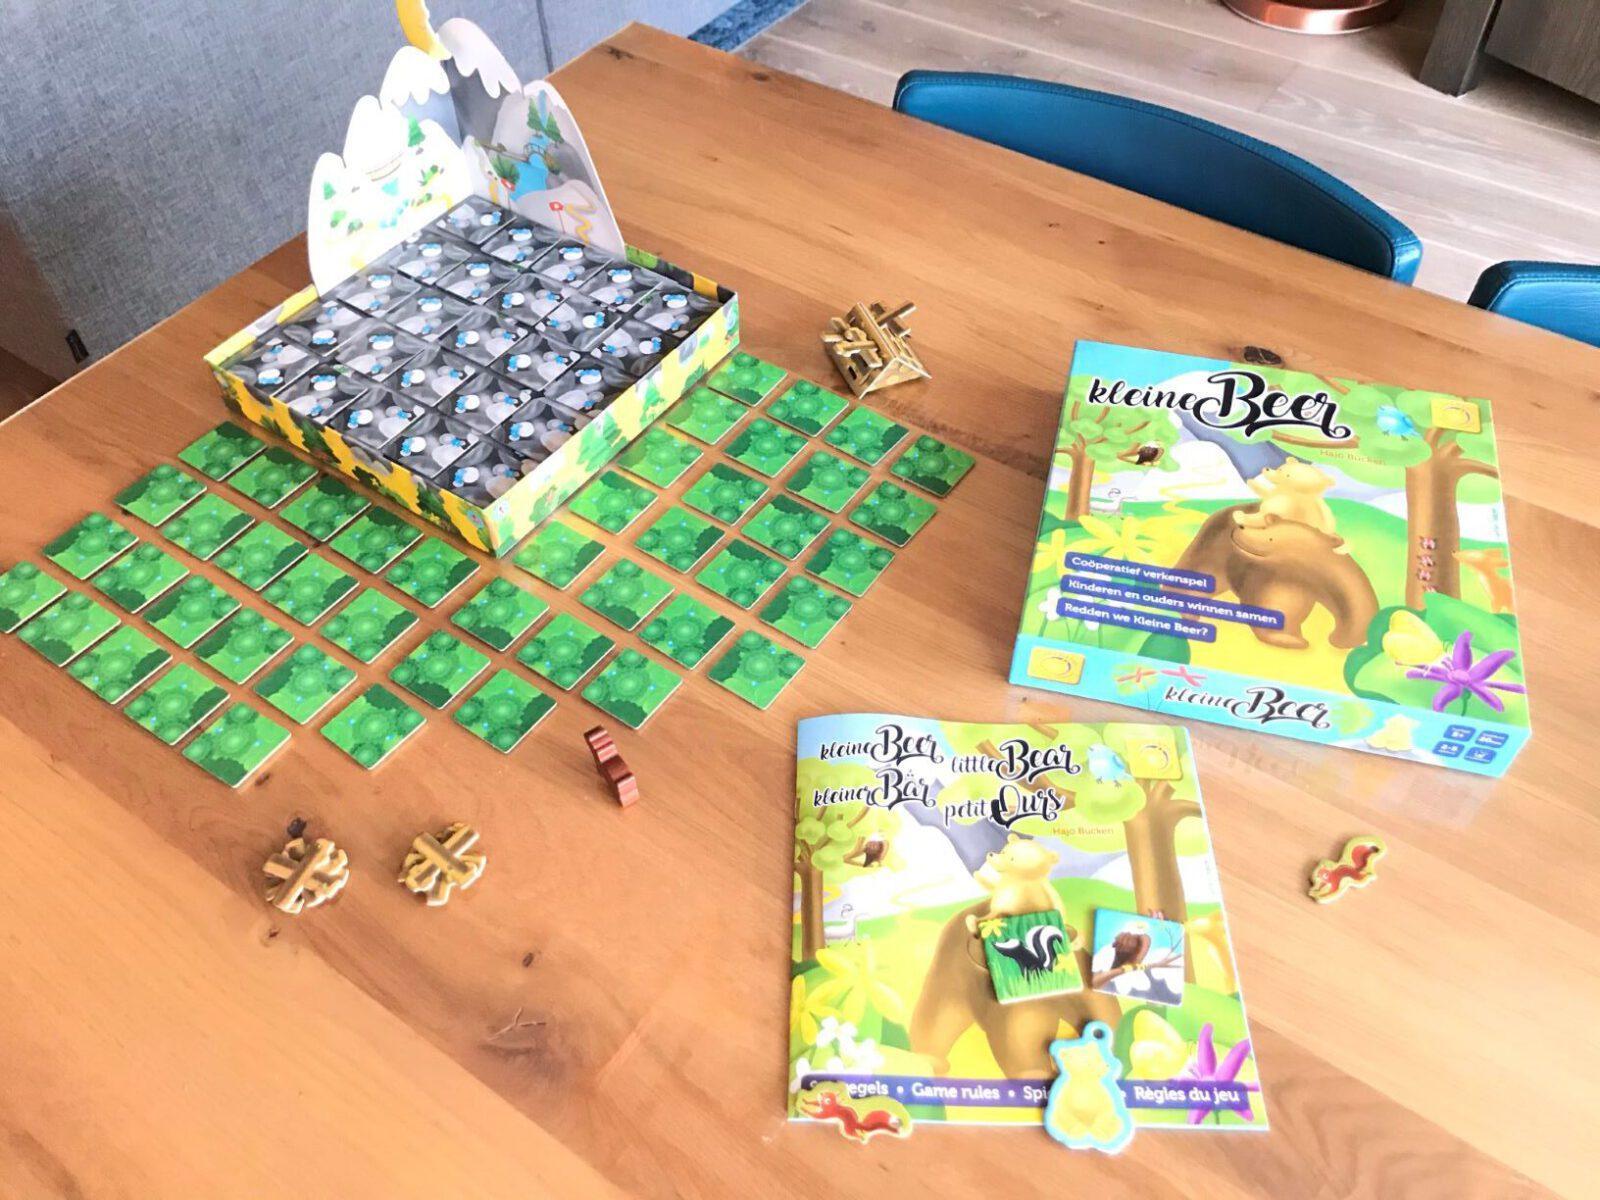 Review het coöperatieve spel Kleine Beer van Sunny Games startopstelling mamazetkoers-